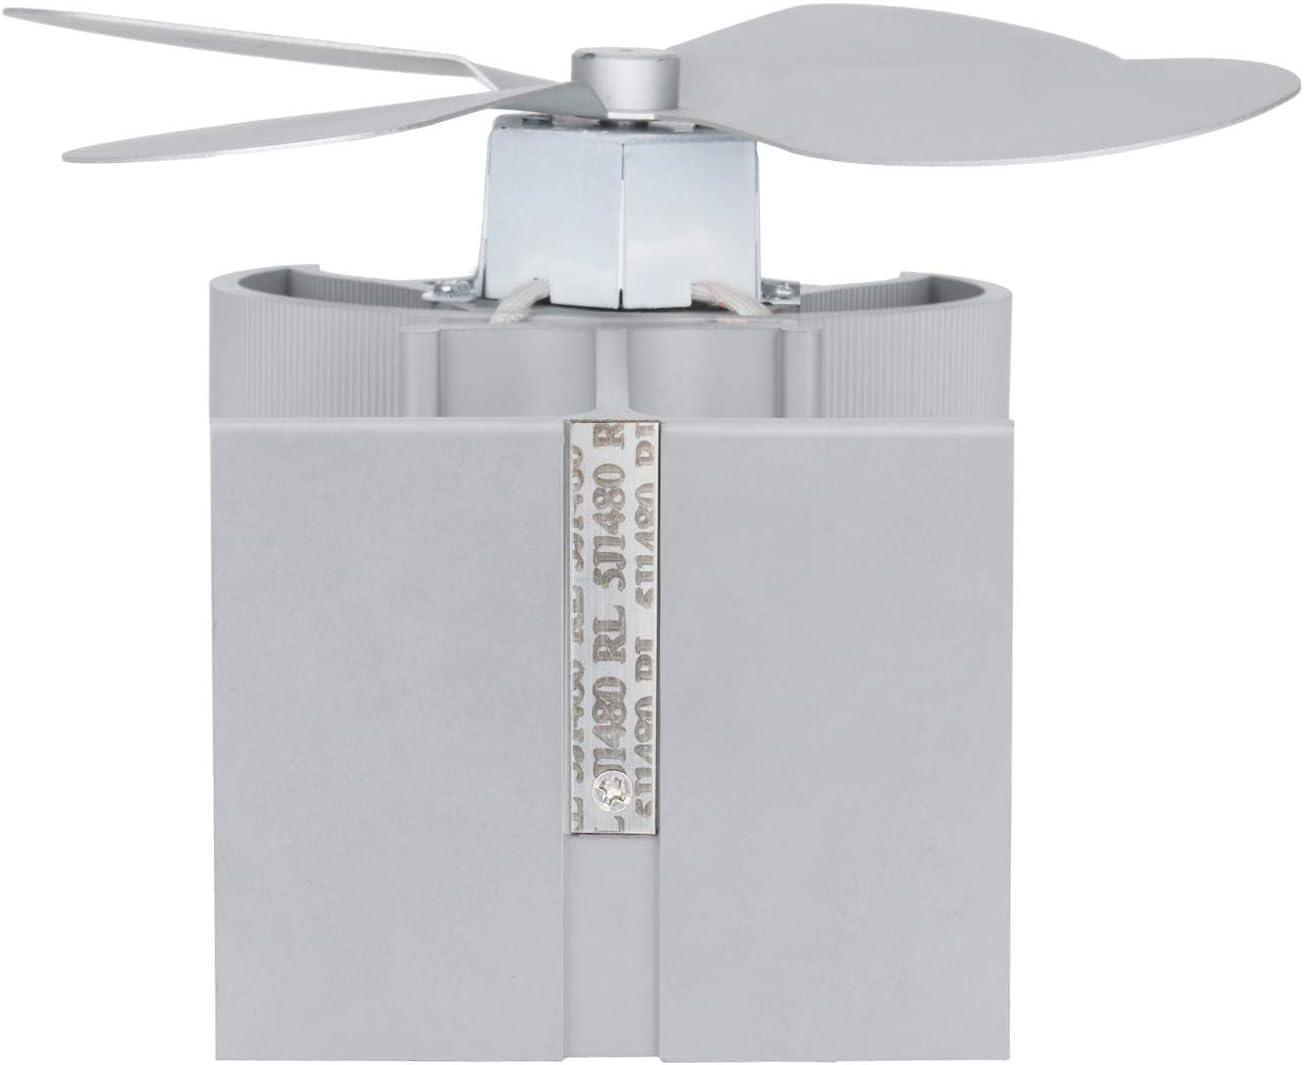 Kamin-L/üFter mit Effizienter W/äRme Verteilung Wei/ßEr Domilay/4-Fl/üGeliger W/äRmebetriebener Holzofen Kamin Ventilator f/ür Holz- Holzbrenner-